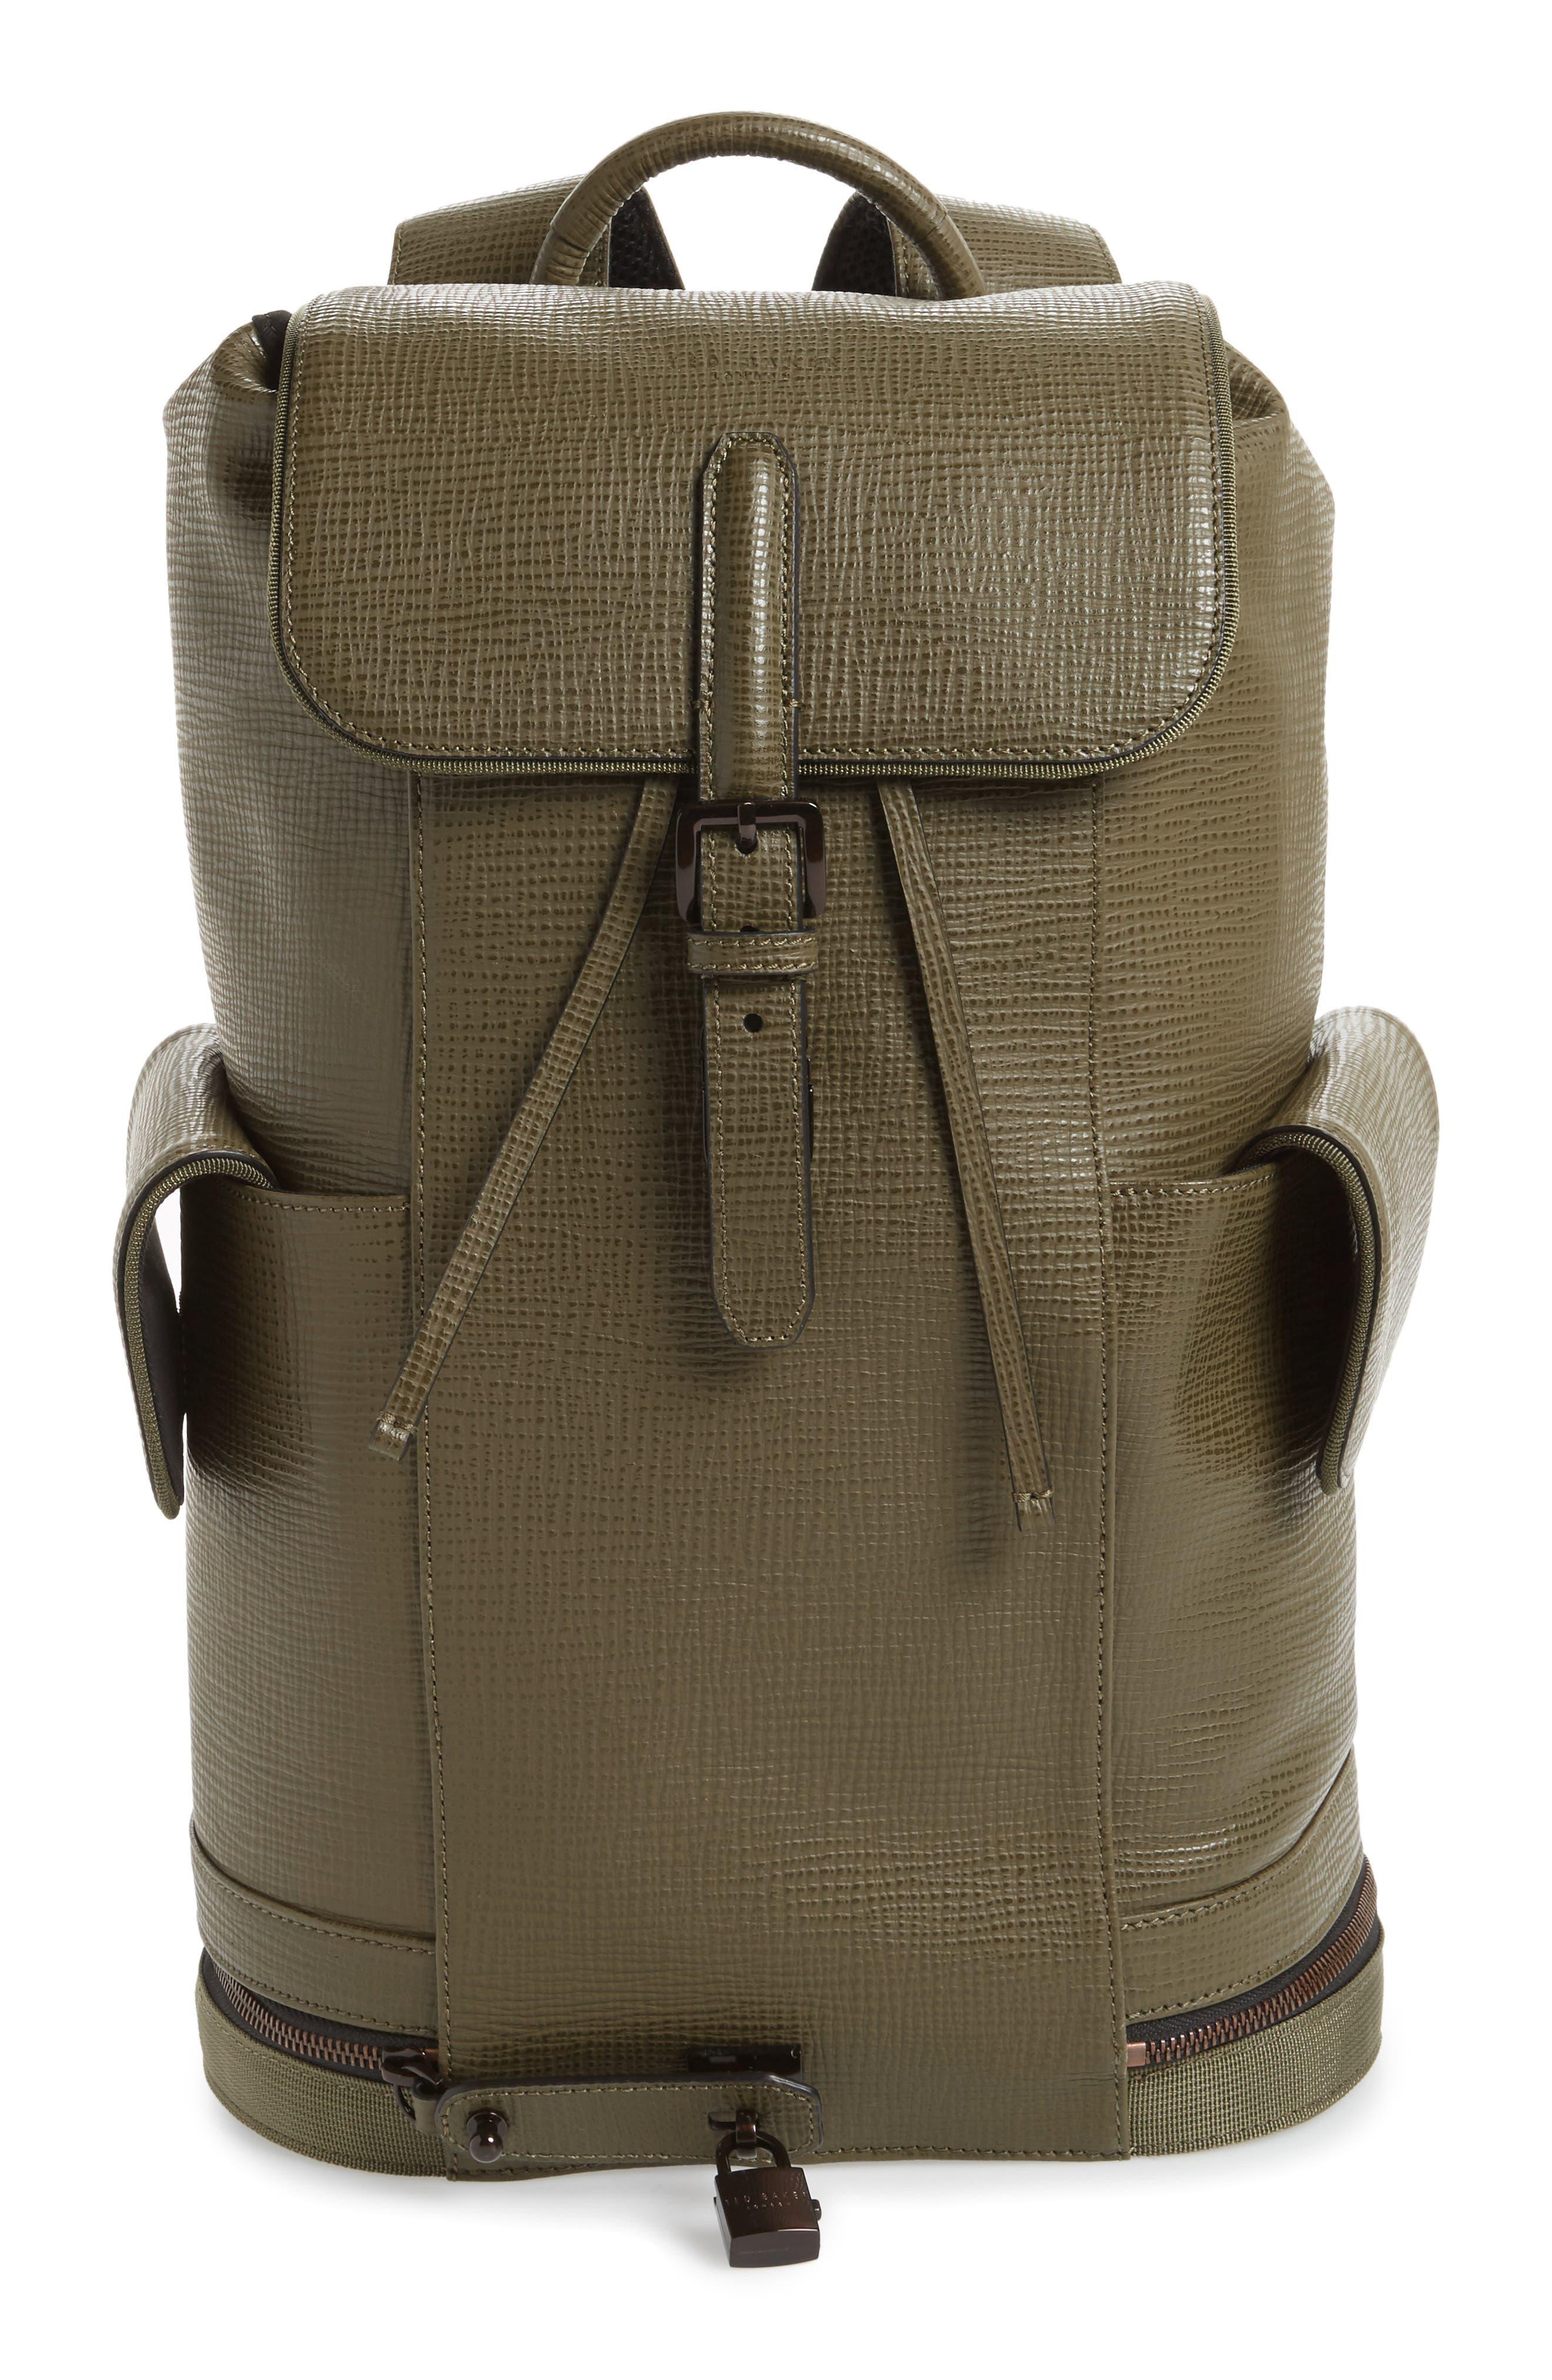 Thorr Palmelato Backpack,                             Main thumbnail 1, color,